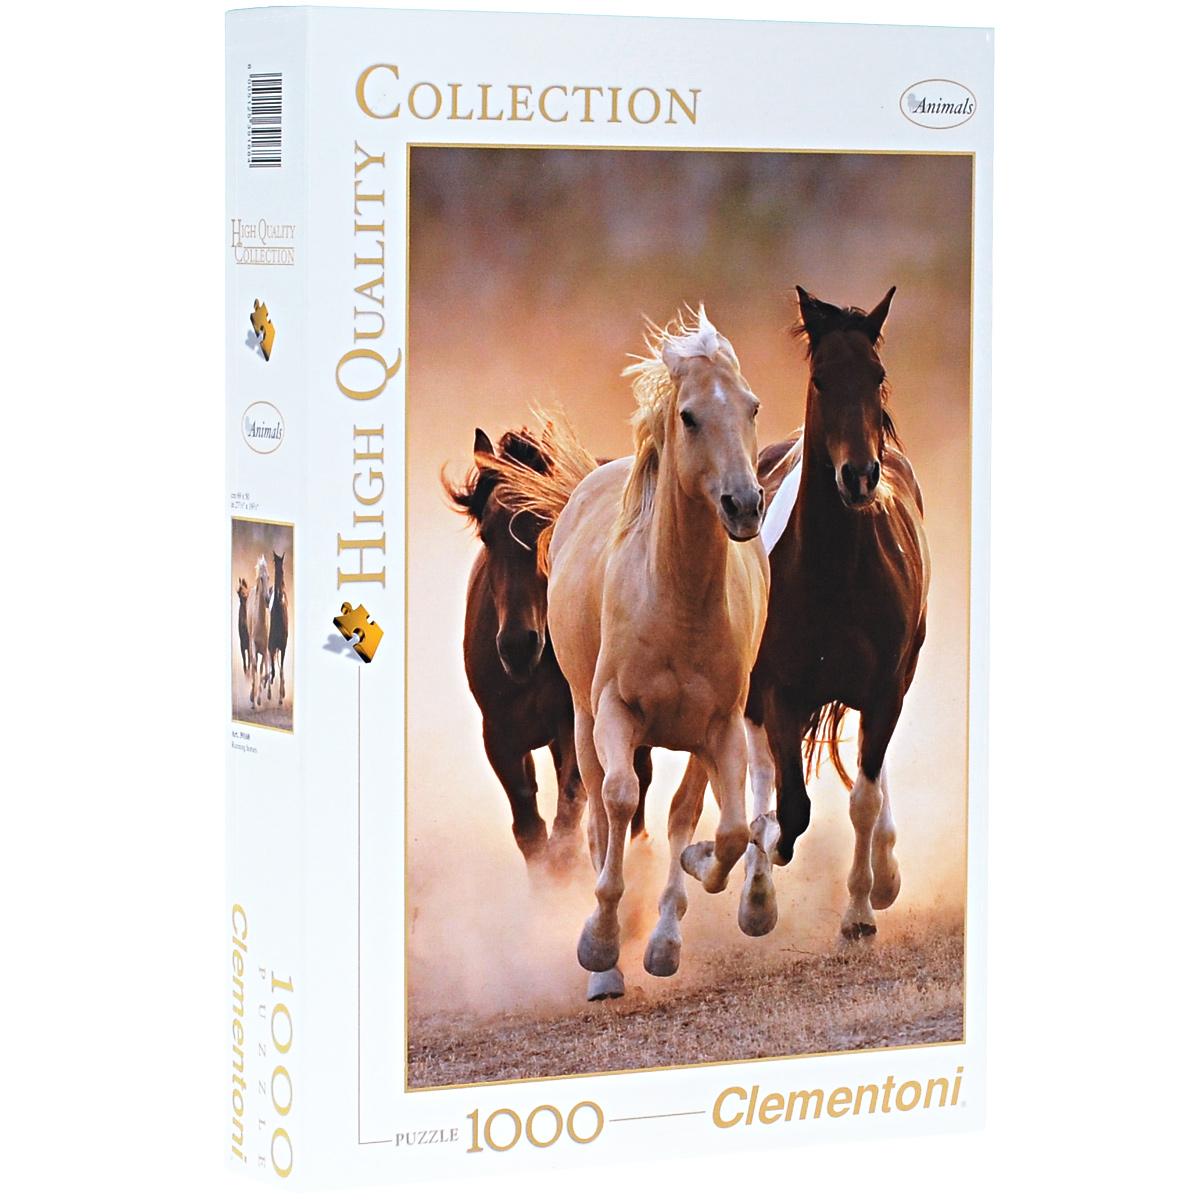 Бегущие кони. Пазл, 1000 элементов39168Пазл Clementoni Бегущие кони, без сомнения, придется по душе вам и вашему ребенку. Собрав этот пазл, включающий в себя 1000 элементов, вы получите цветной оригинальный постер с изображением коней. Один из редких сложнейших кадров, сделанный профессиональными фотохудожниками, взят за основу пазла. Гармоничная композиция, сдержанная цветовая гамма, профессиональная обработка изображения делают такую картину подходящей для любого интерьера. Пазлы - прекрасное антистрессовое средство для взрослых и замечательная развивающая игра для детей. Собирание пазла развивает у ребенка мелкую моторику рук, тренирует наблюдательность, логическое мышление, знакомит с окружающим миром, с цветом и разнообразными формами, учит усидчивости и терпению, аккуратности и вниманию. Собирание пазла - прекрасное времяпрепровождение для всей семьи.